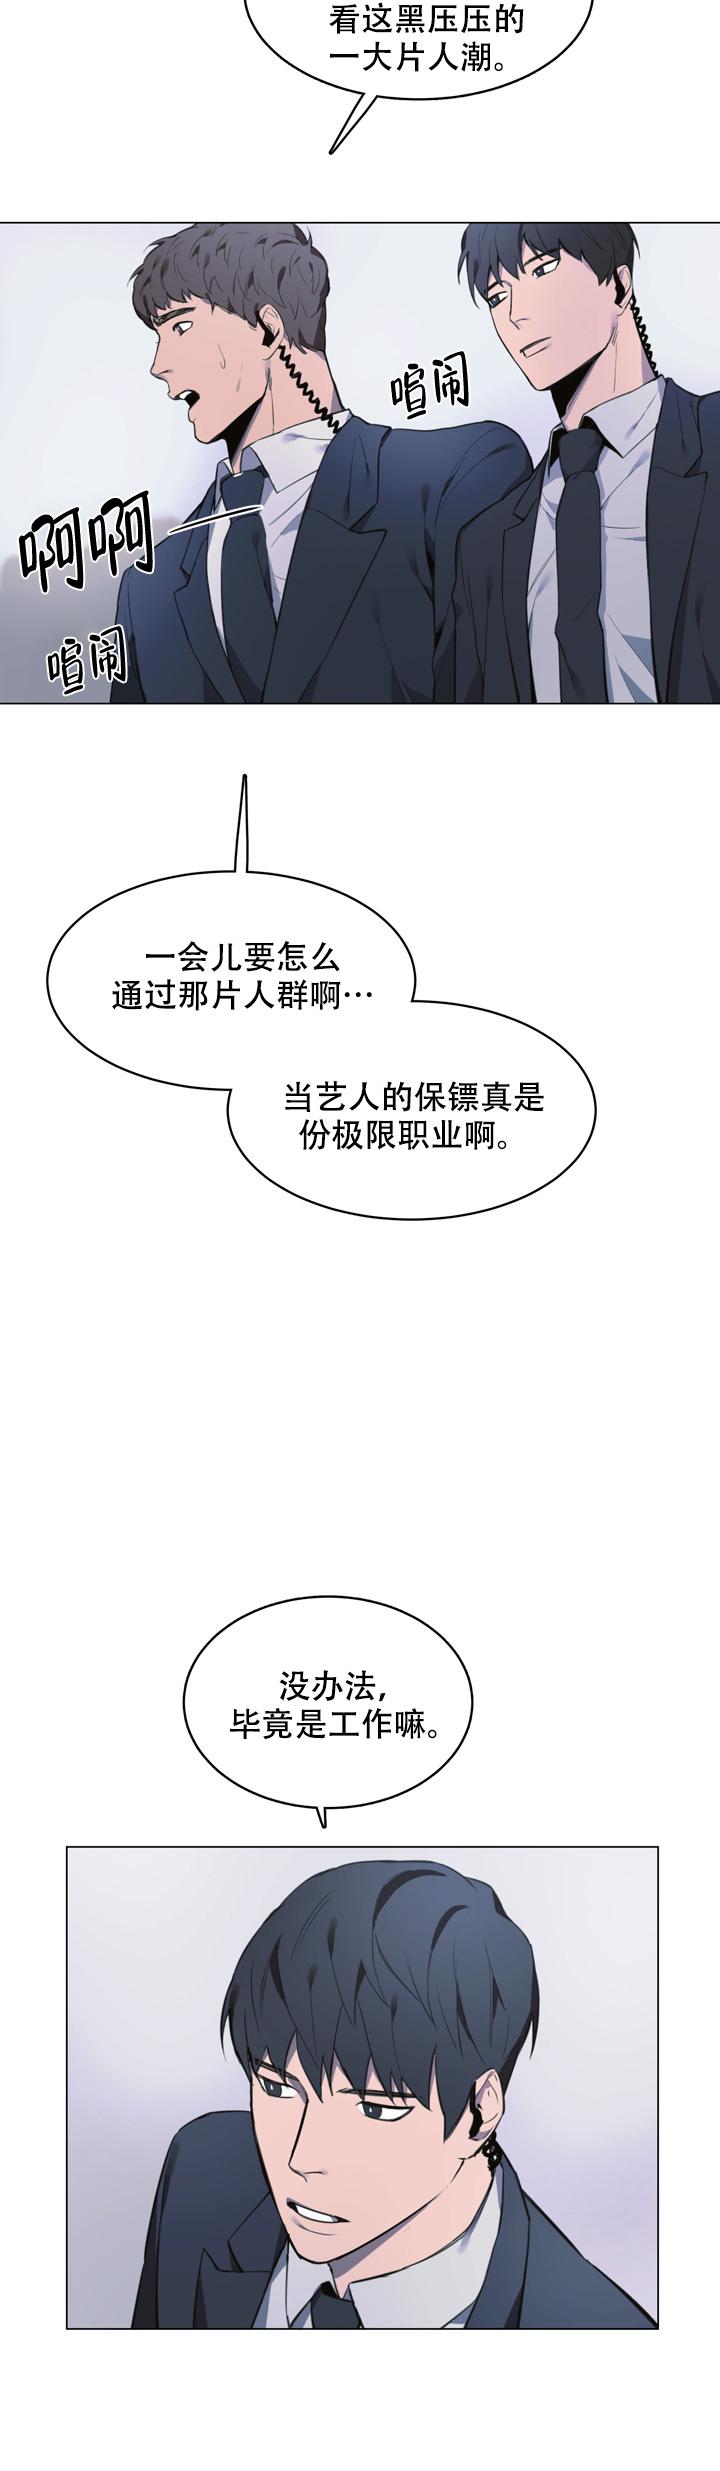 韩漫 |《甜蜜暴击》成为大明星的甜心保镖!  第12张